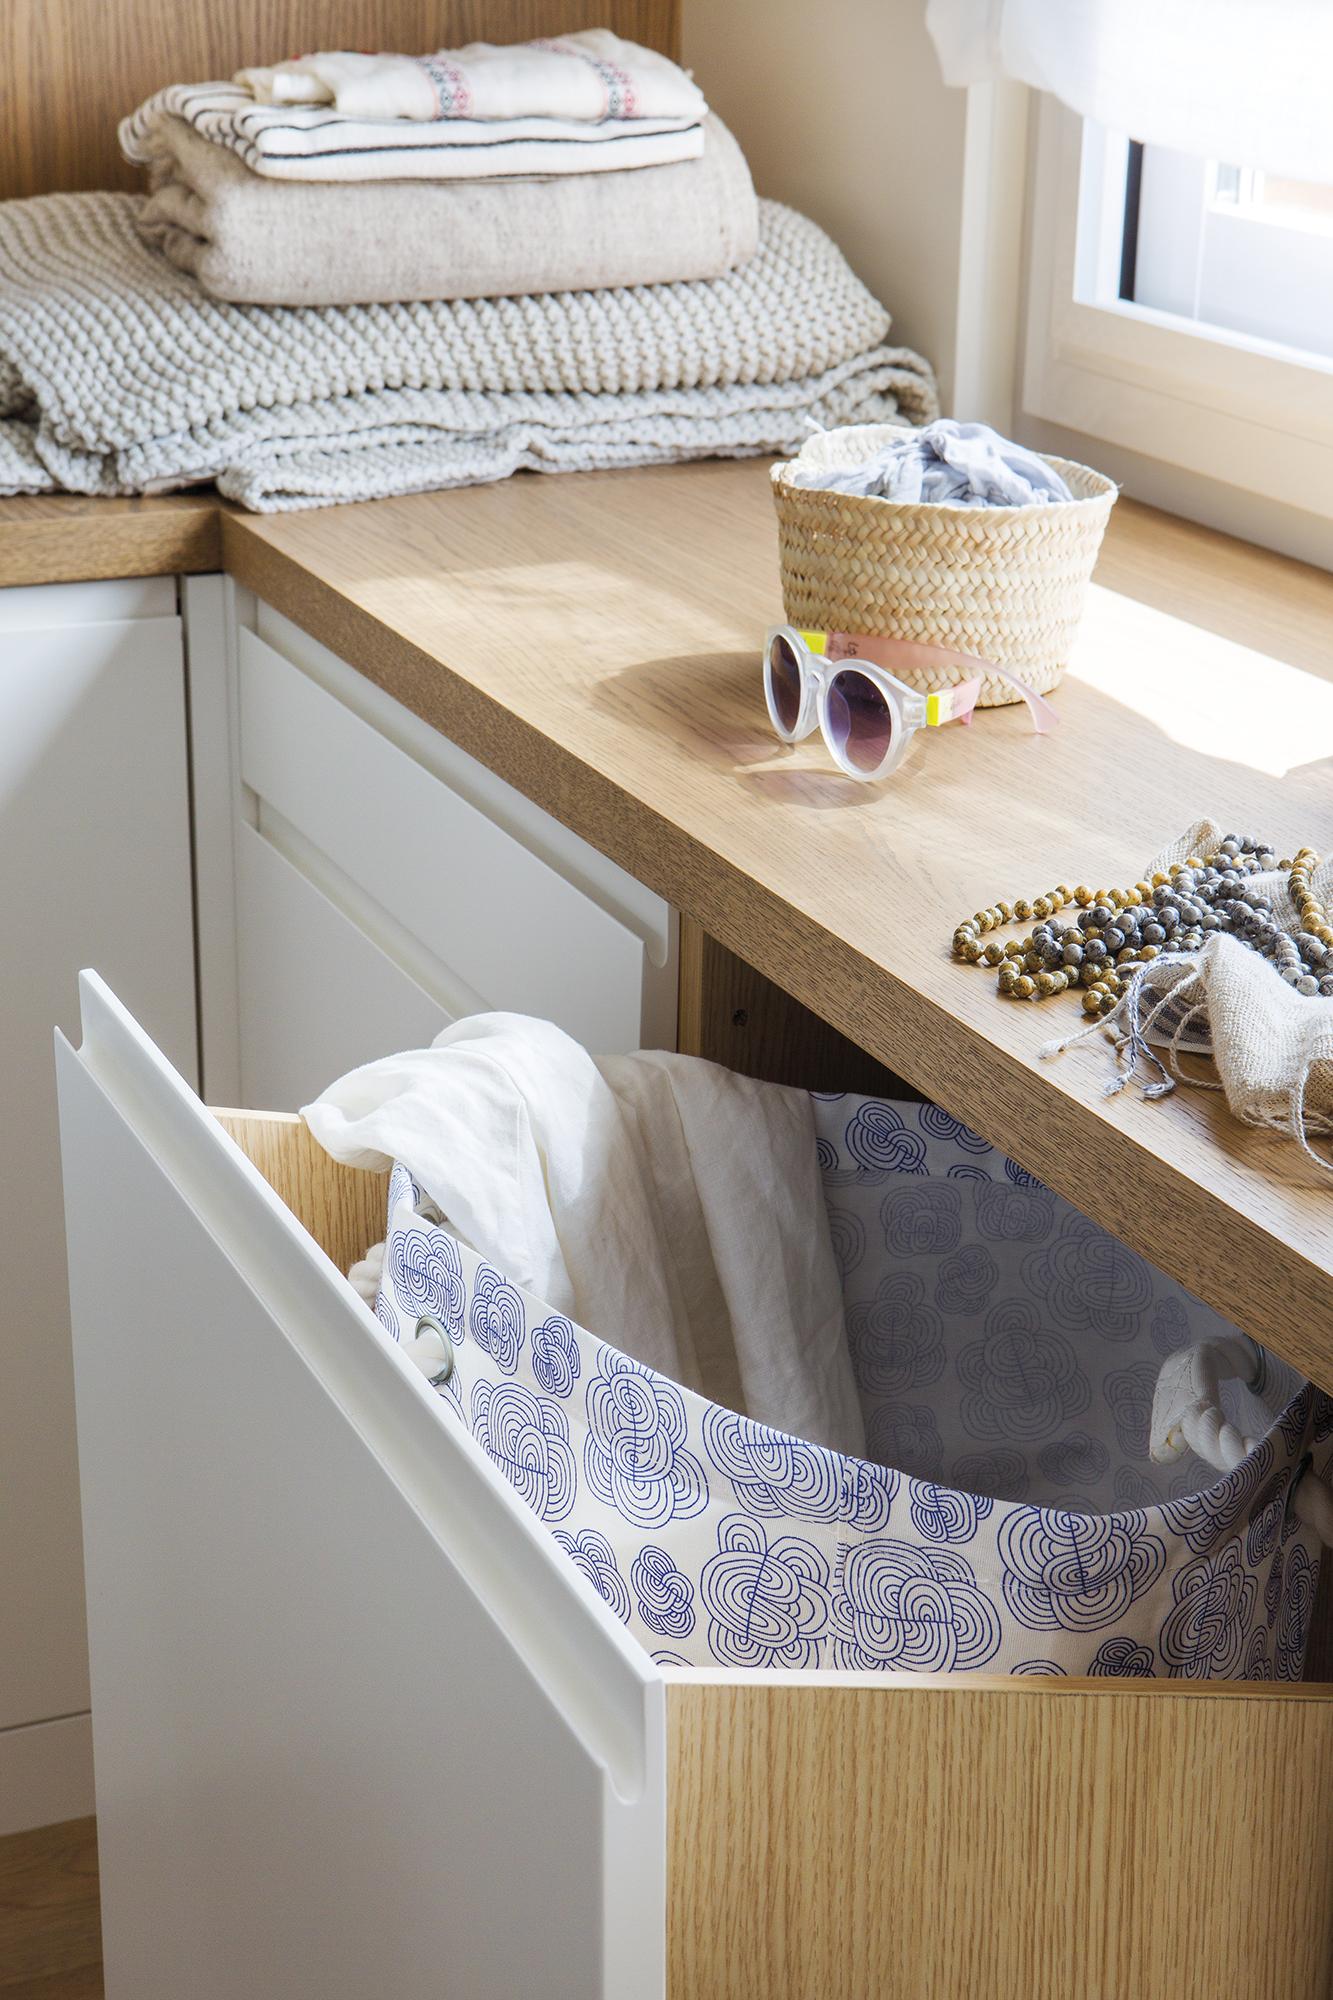 Una casa comod sima con una cocina abierta y un gran vestidor for Mueble para ropa sucia